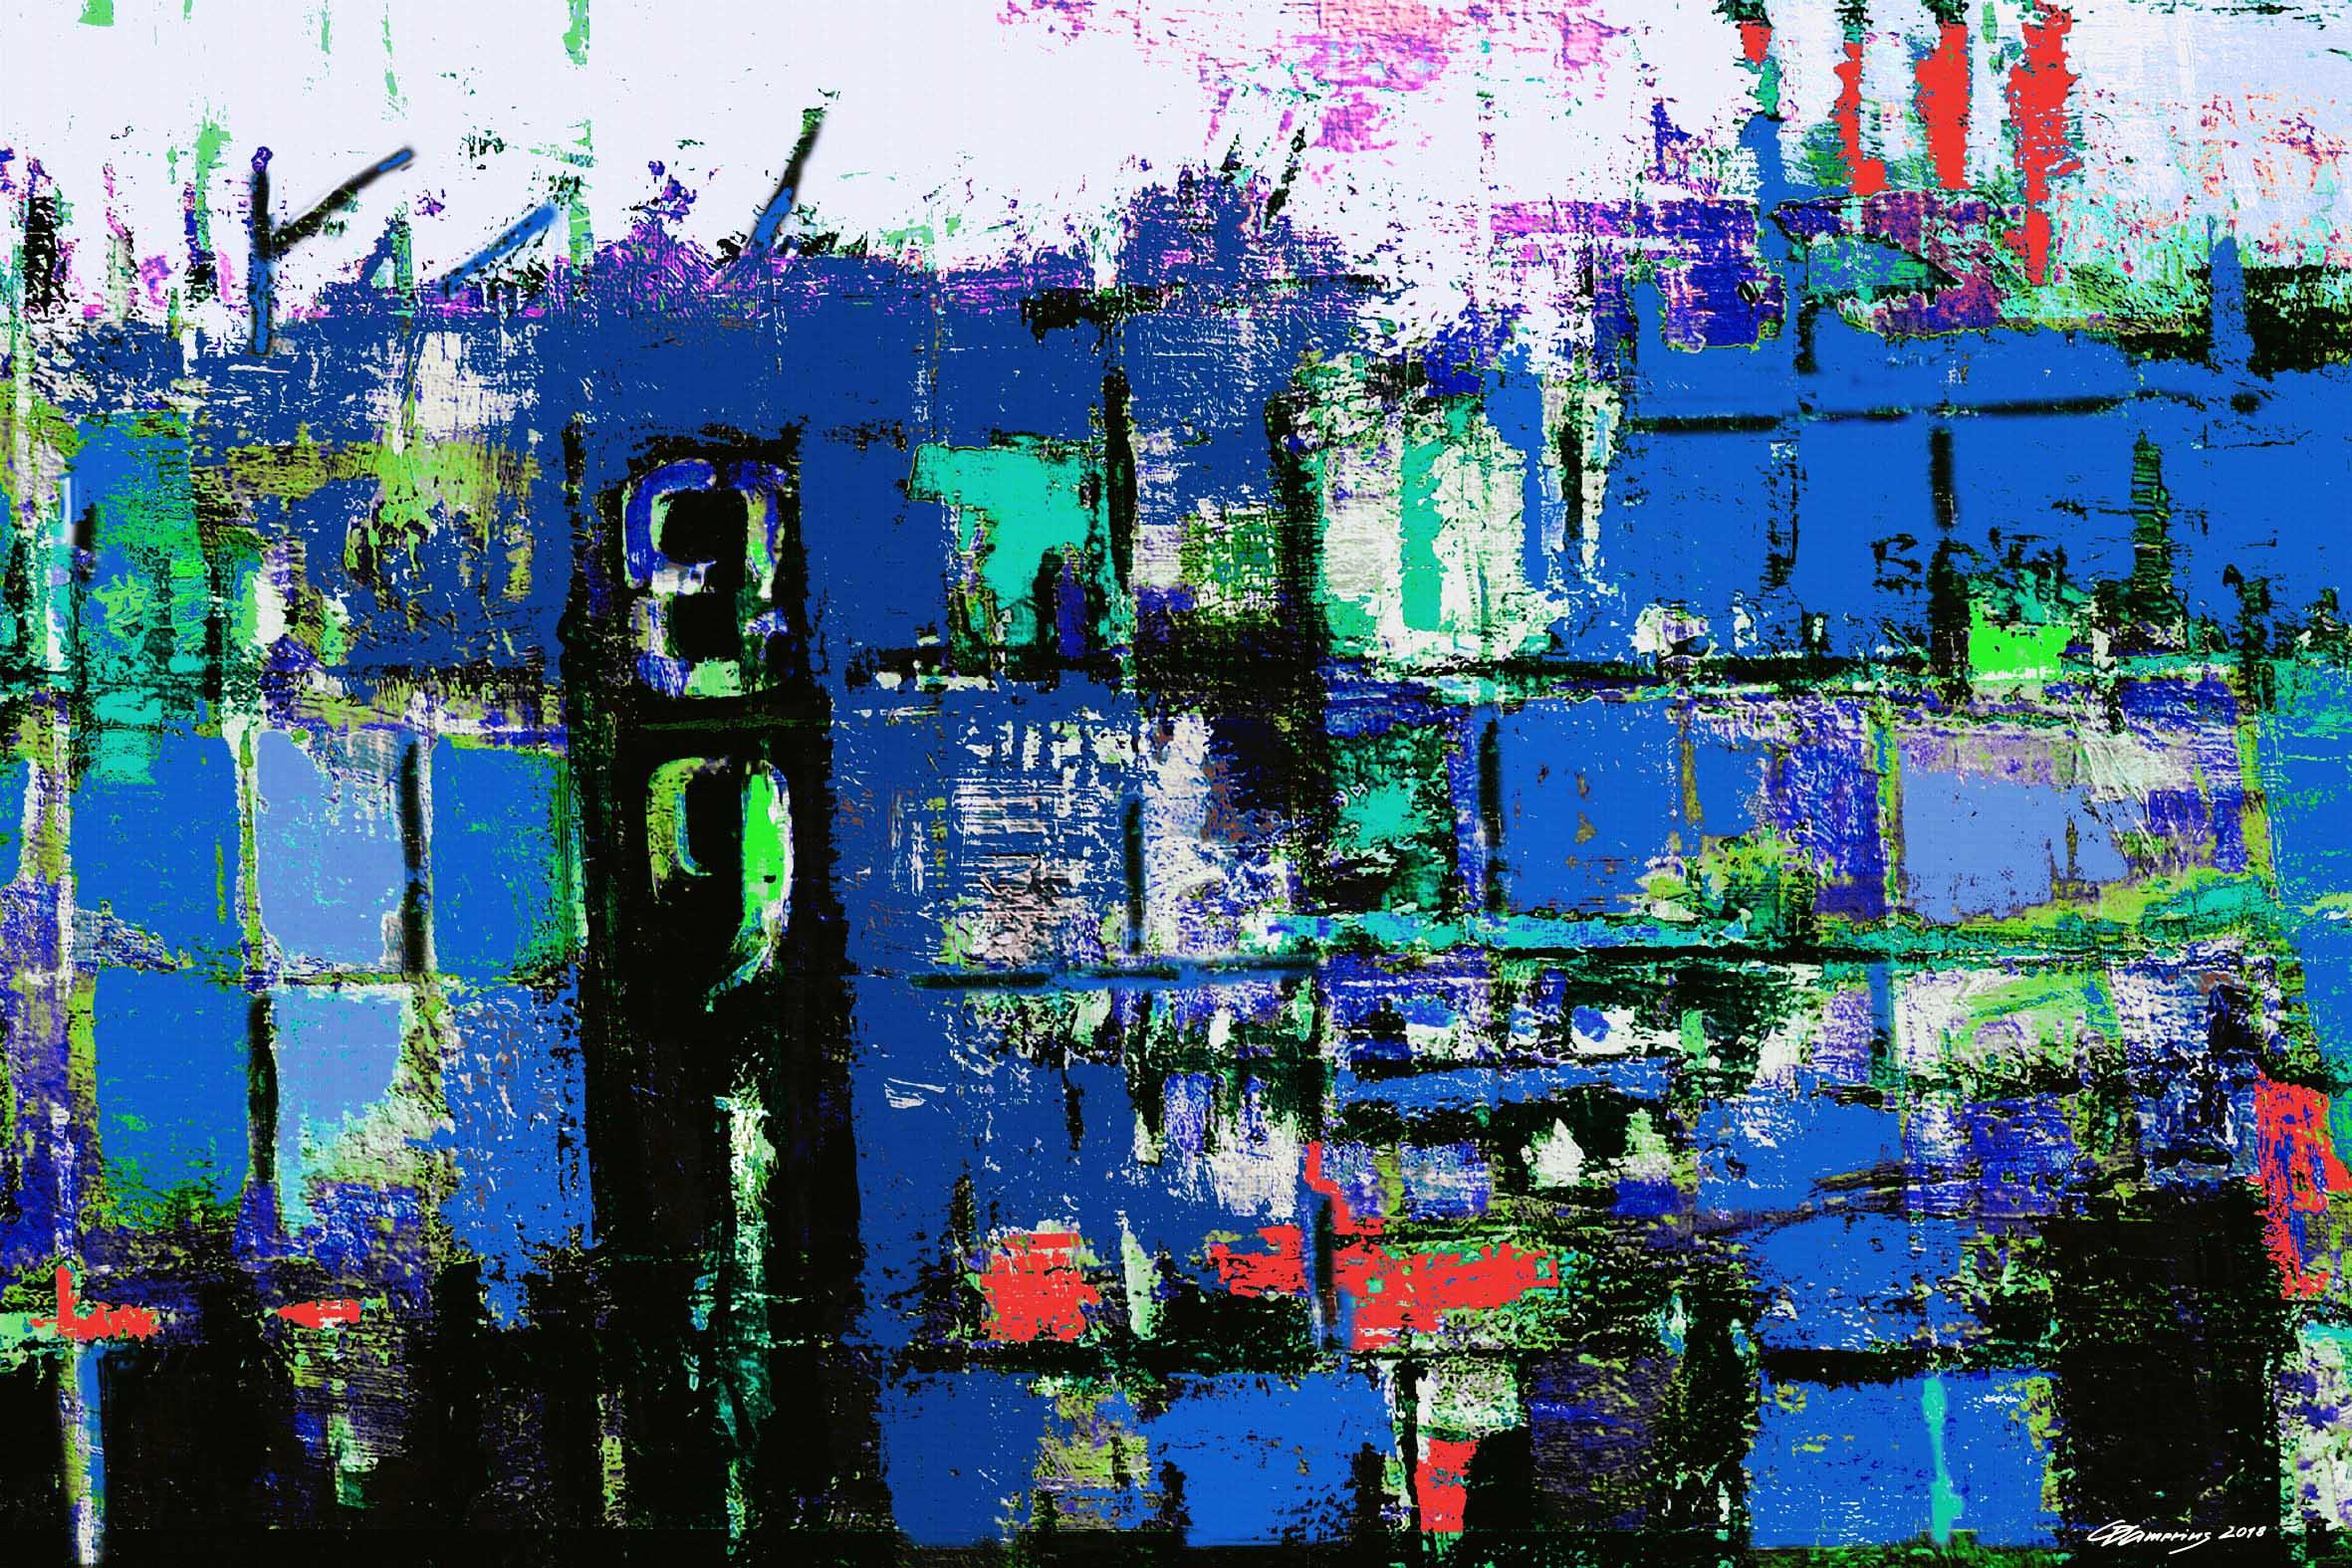 container hafen hamburg,christian damerius,hamburger hafen impression 3,kunstdrucke kaufen reinbek,hamburg,gerahmte kunstdrucke hafen hamburg,hamburger bilderwelten kunstdrucke,gemälde bilder fotos kunstdrucke hamburg,bekannte berühmte moderne maler deutschland,kunstdrucke wandgestaltung büros wohnzimmer,